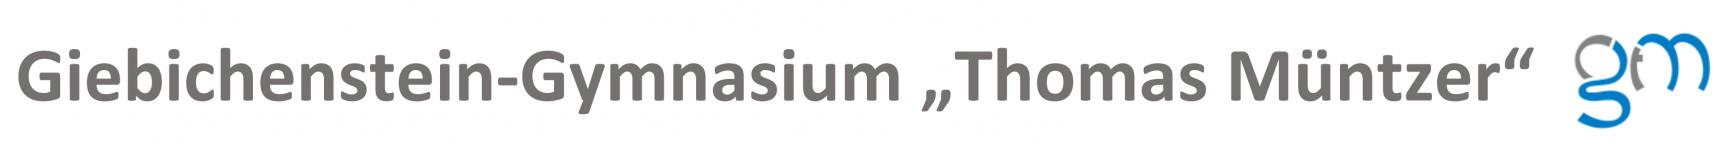 """Logo de Giebichenstein-Gymnasium """"Thomas Müntzer"""""""